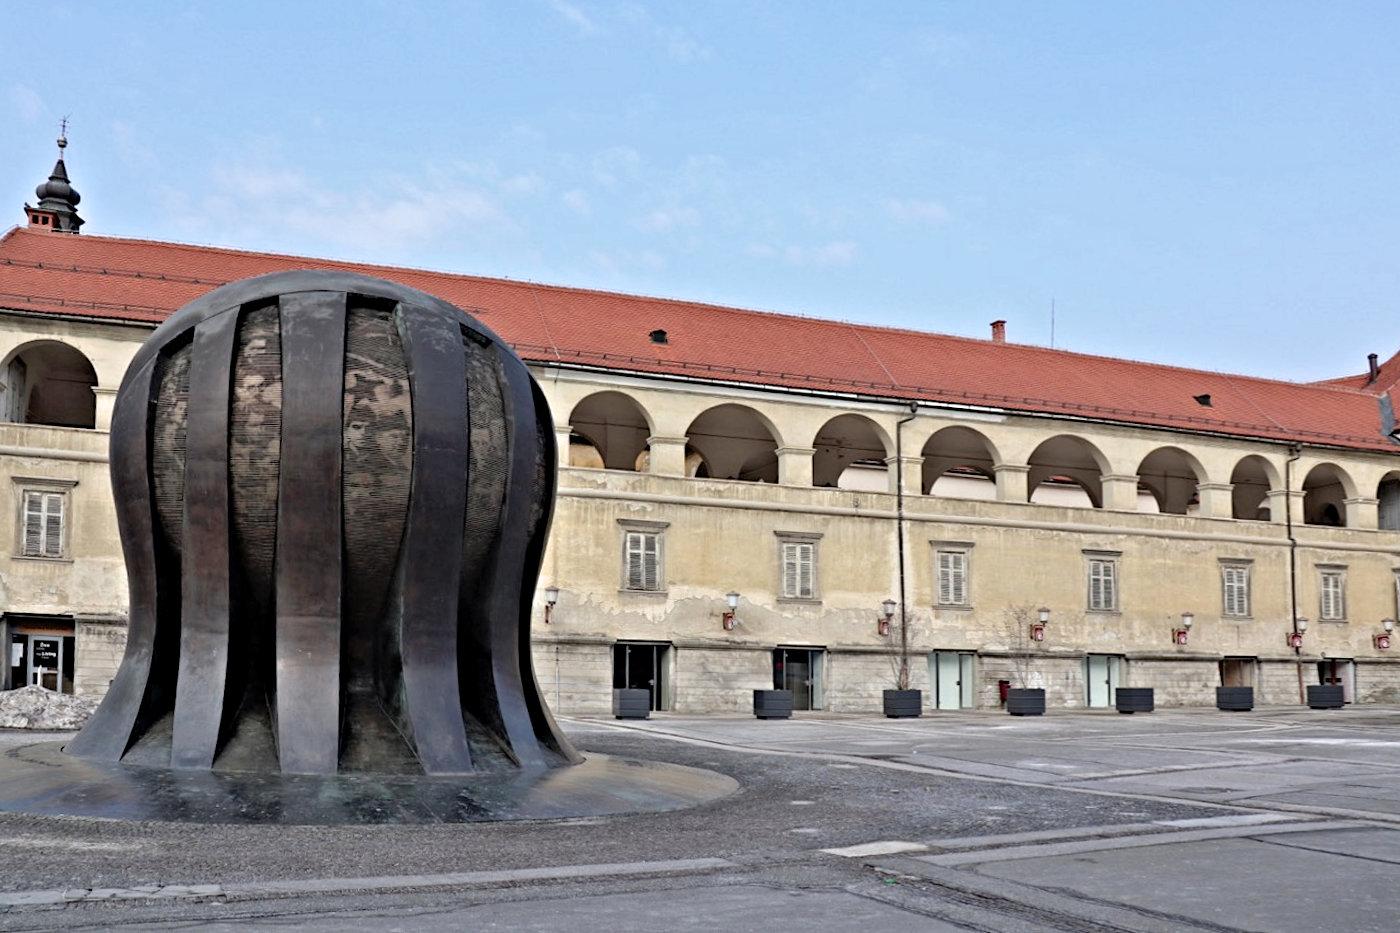 Freiheitlich. Das Freiheitsdenkmal Kodžak am zentralen Platz Trg Svobode stellte der Künstler Slavko Tihec 1975 fertig. Das Denkmal (Spomenik) erinnert an die knapp 700 Gefangenen und Aufständischen, die während des Zweiten Weltkriegs von deutschen Soldaten getötet wurden.